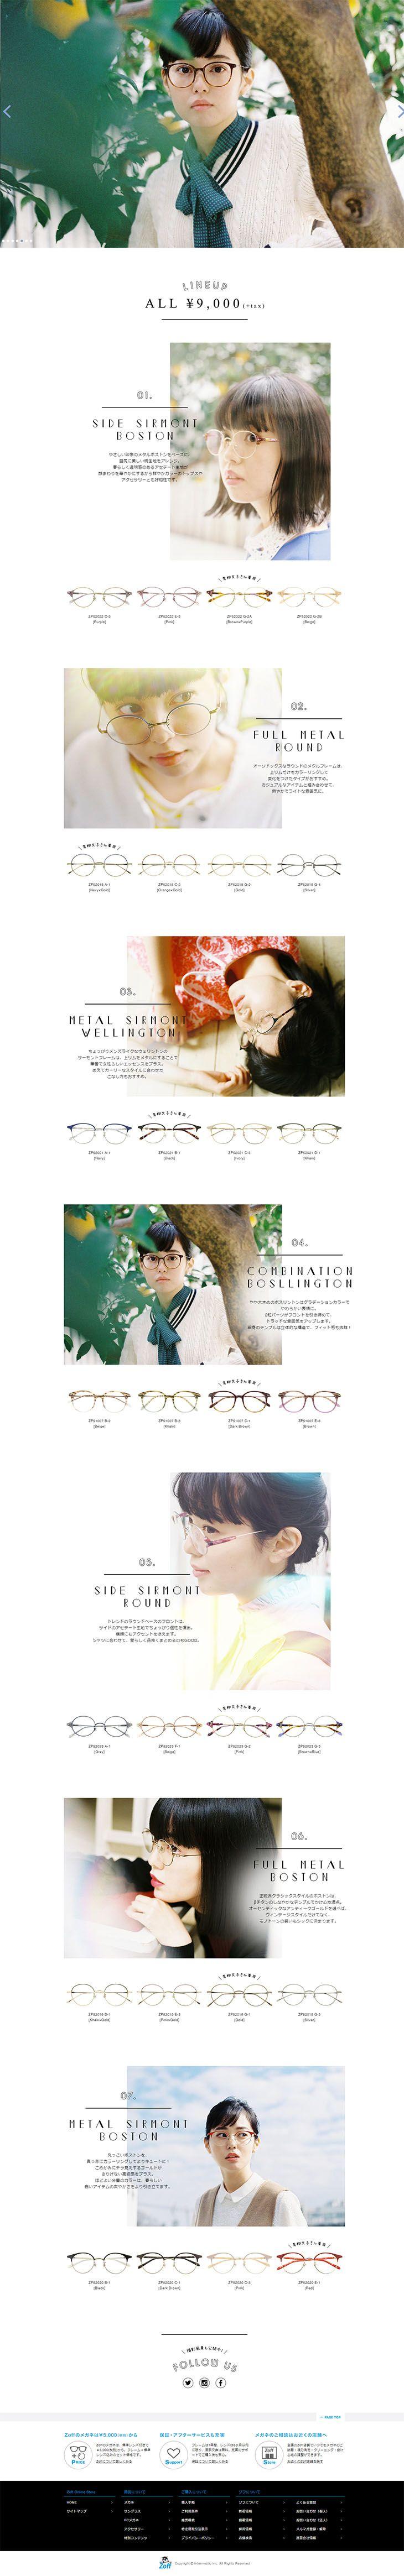 Little Mom Collection【ファッション関連】のLPデザイン。WEBデザイナーさん必見!ランディングページのデザイン参考に(かわいい系)